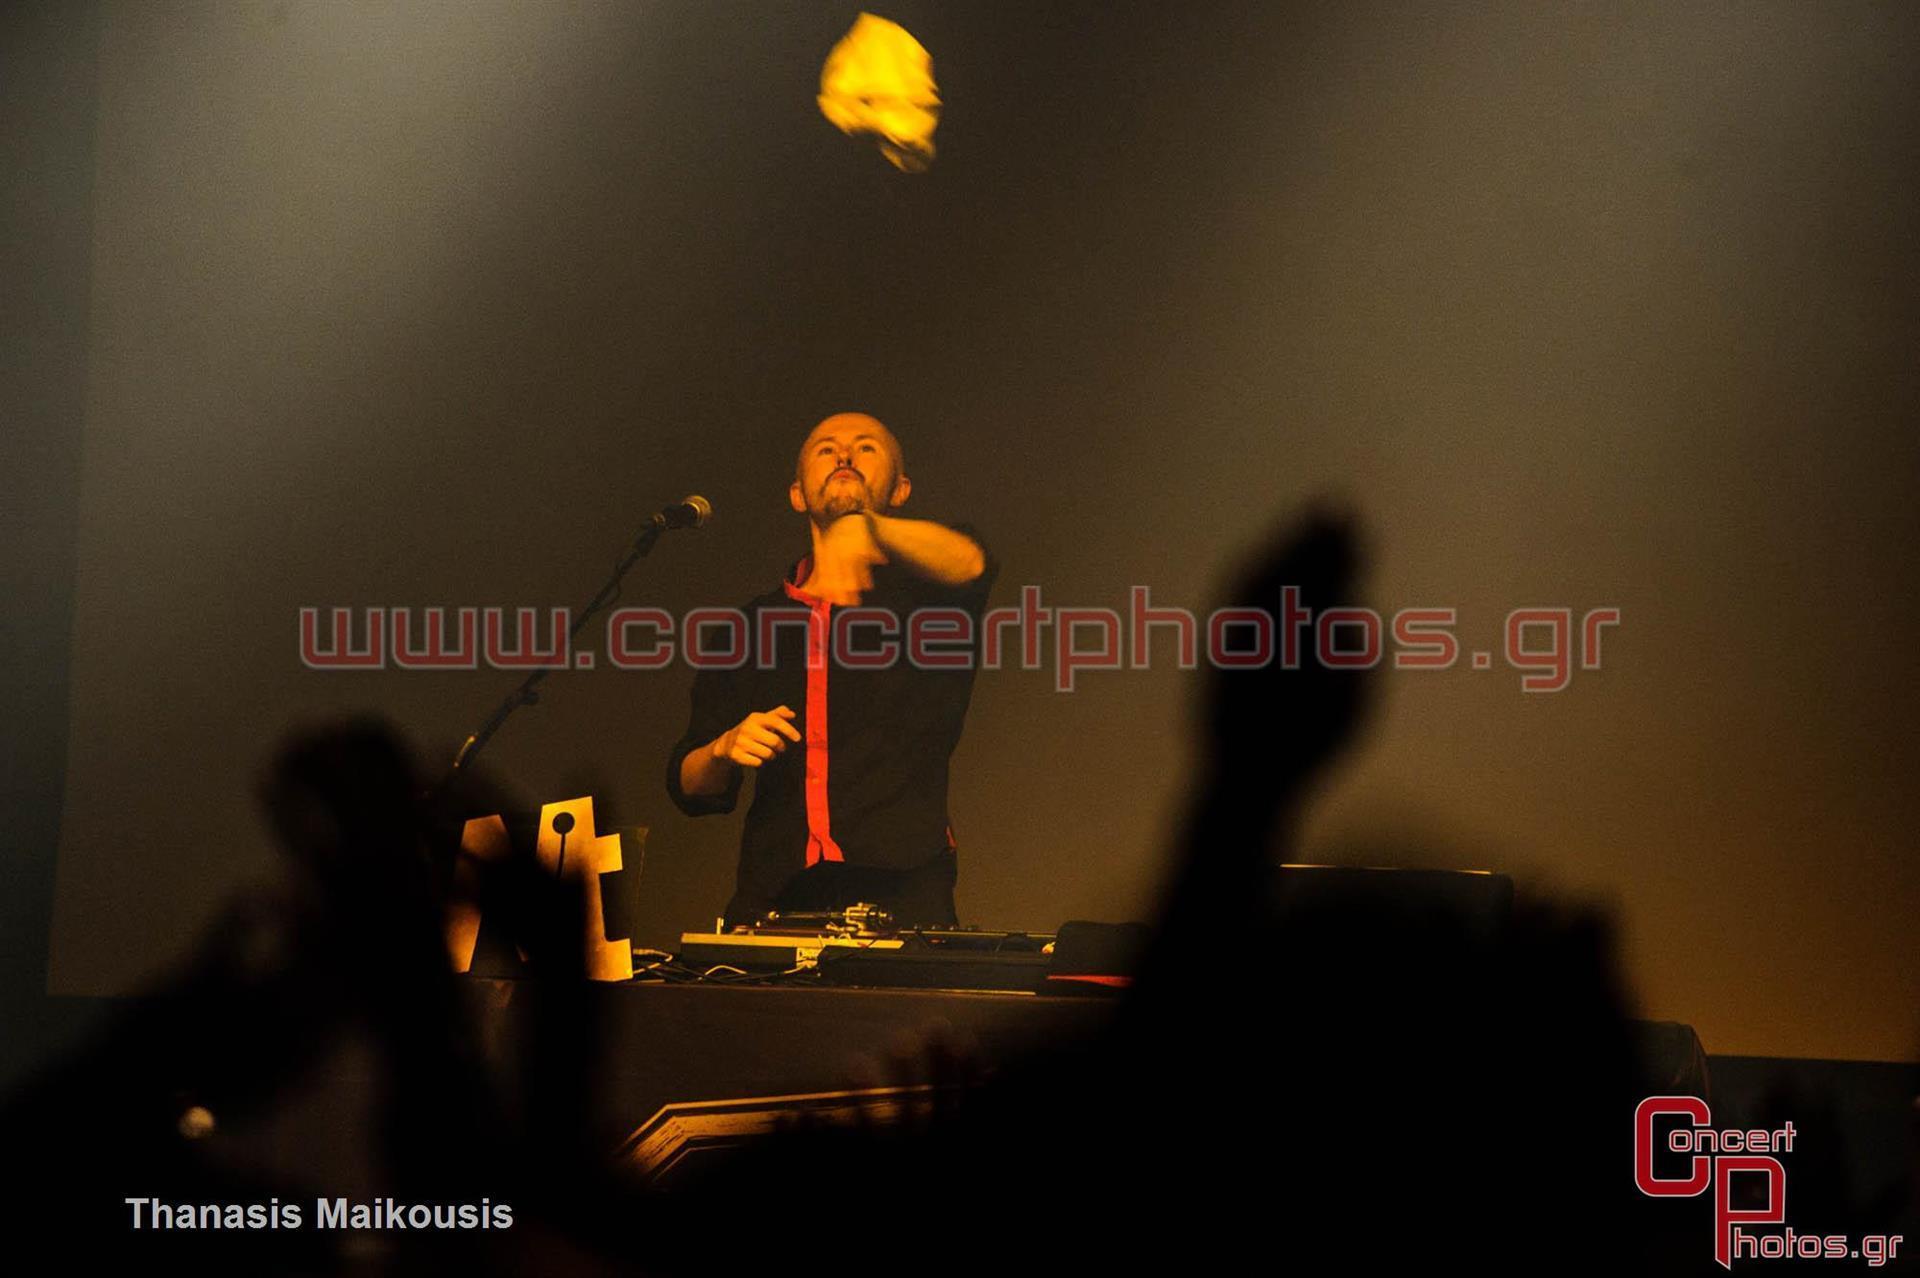 Wax Tailor - photographer: Thanasis Maikousis - ConcertPhotos-7925